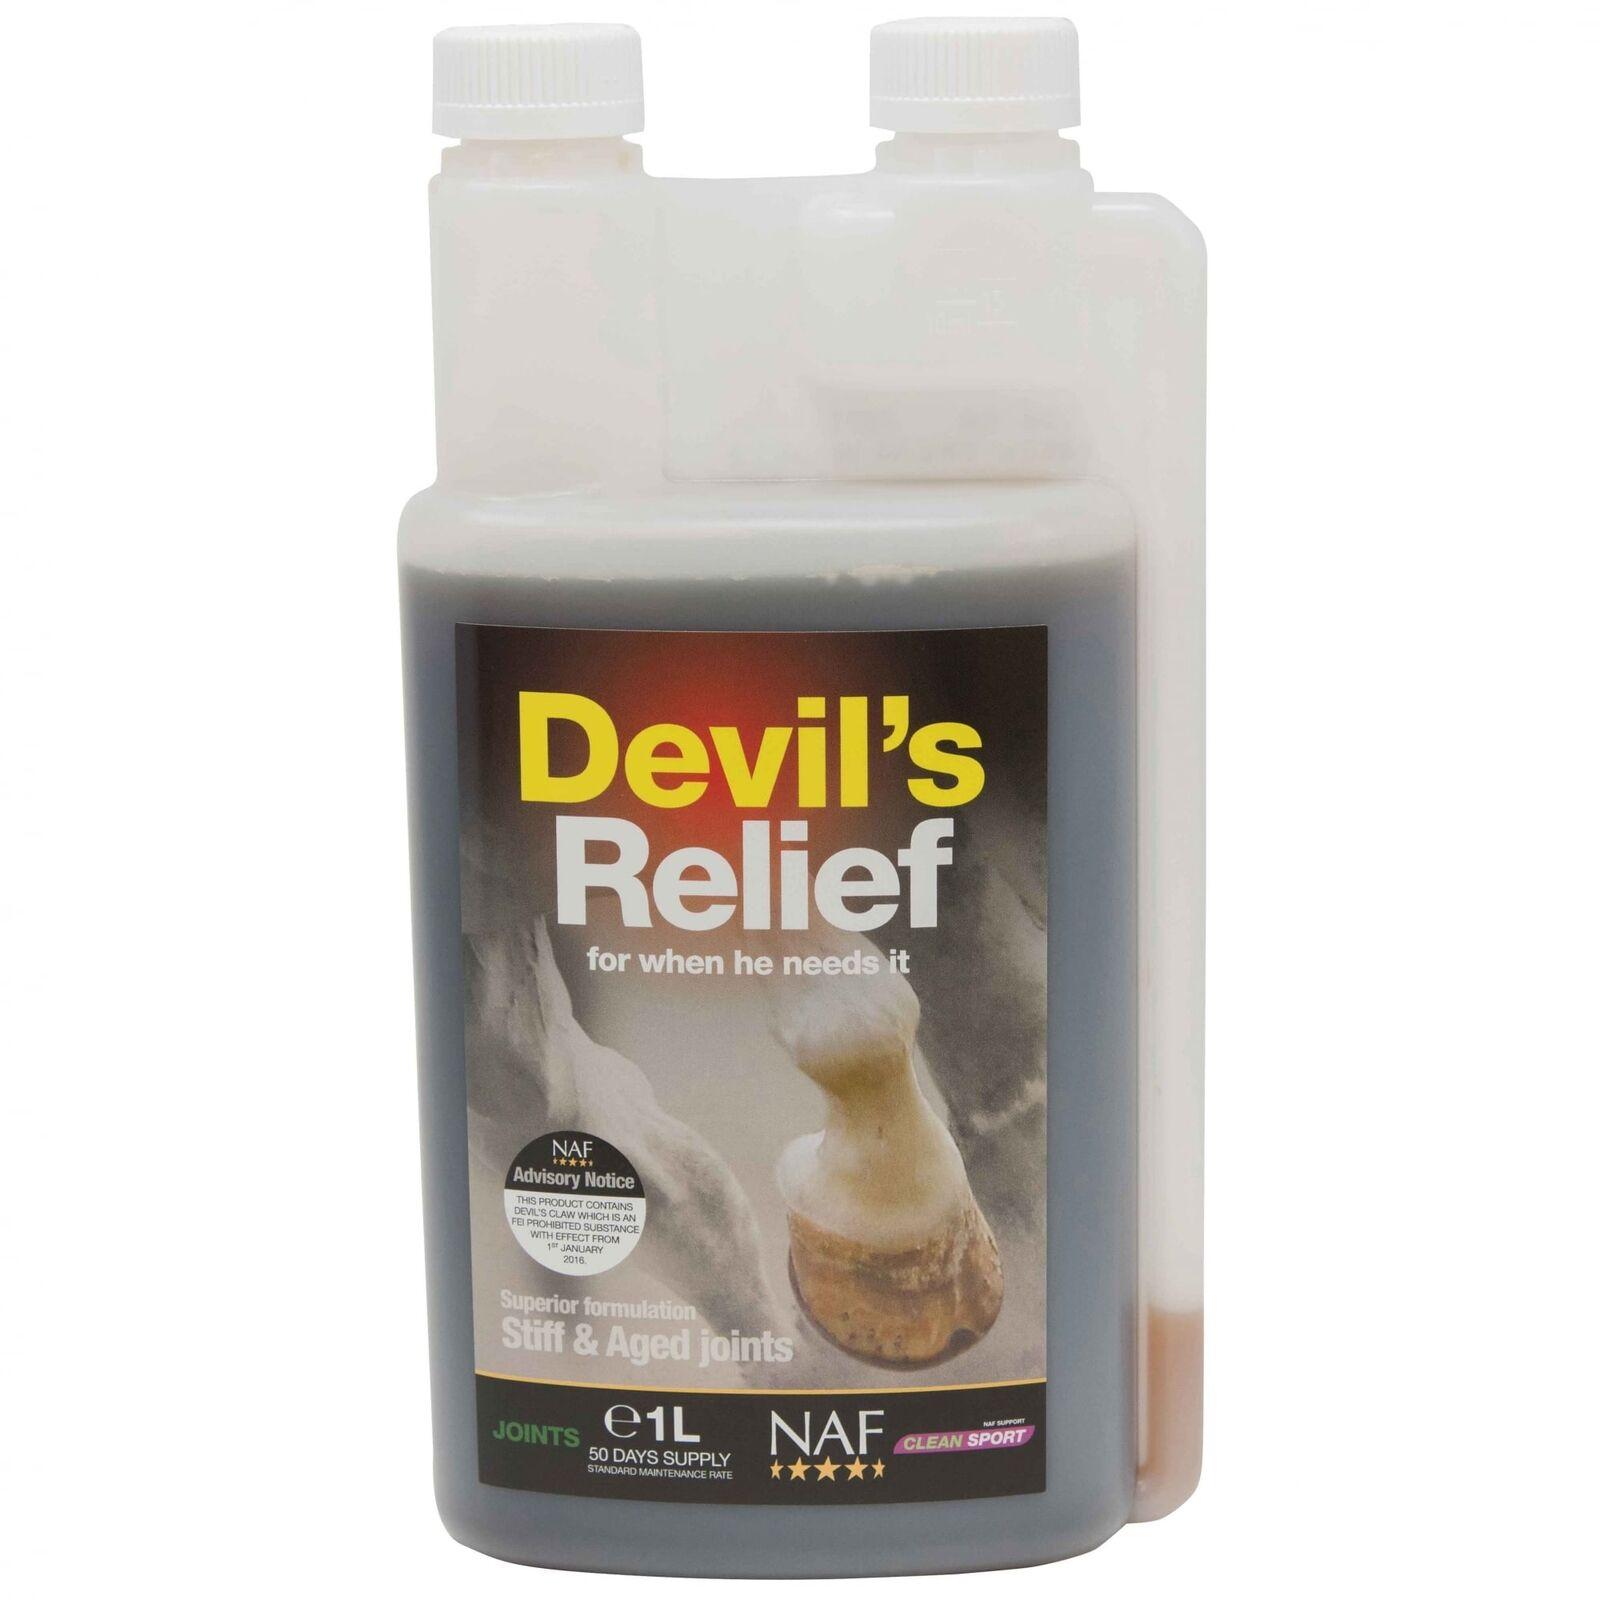 NAF Devils Relief - Horse Supplement